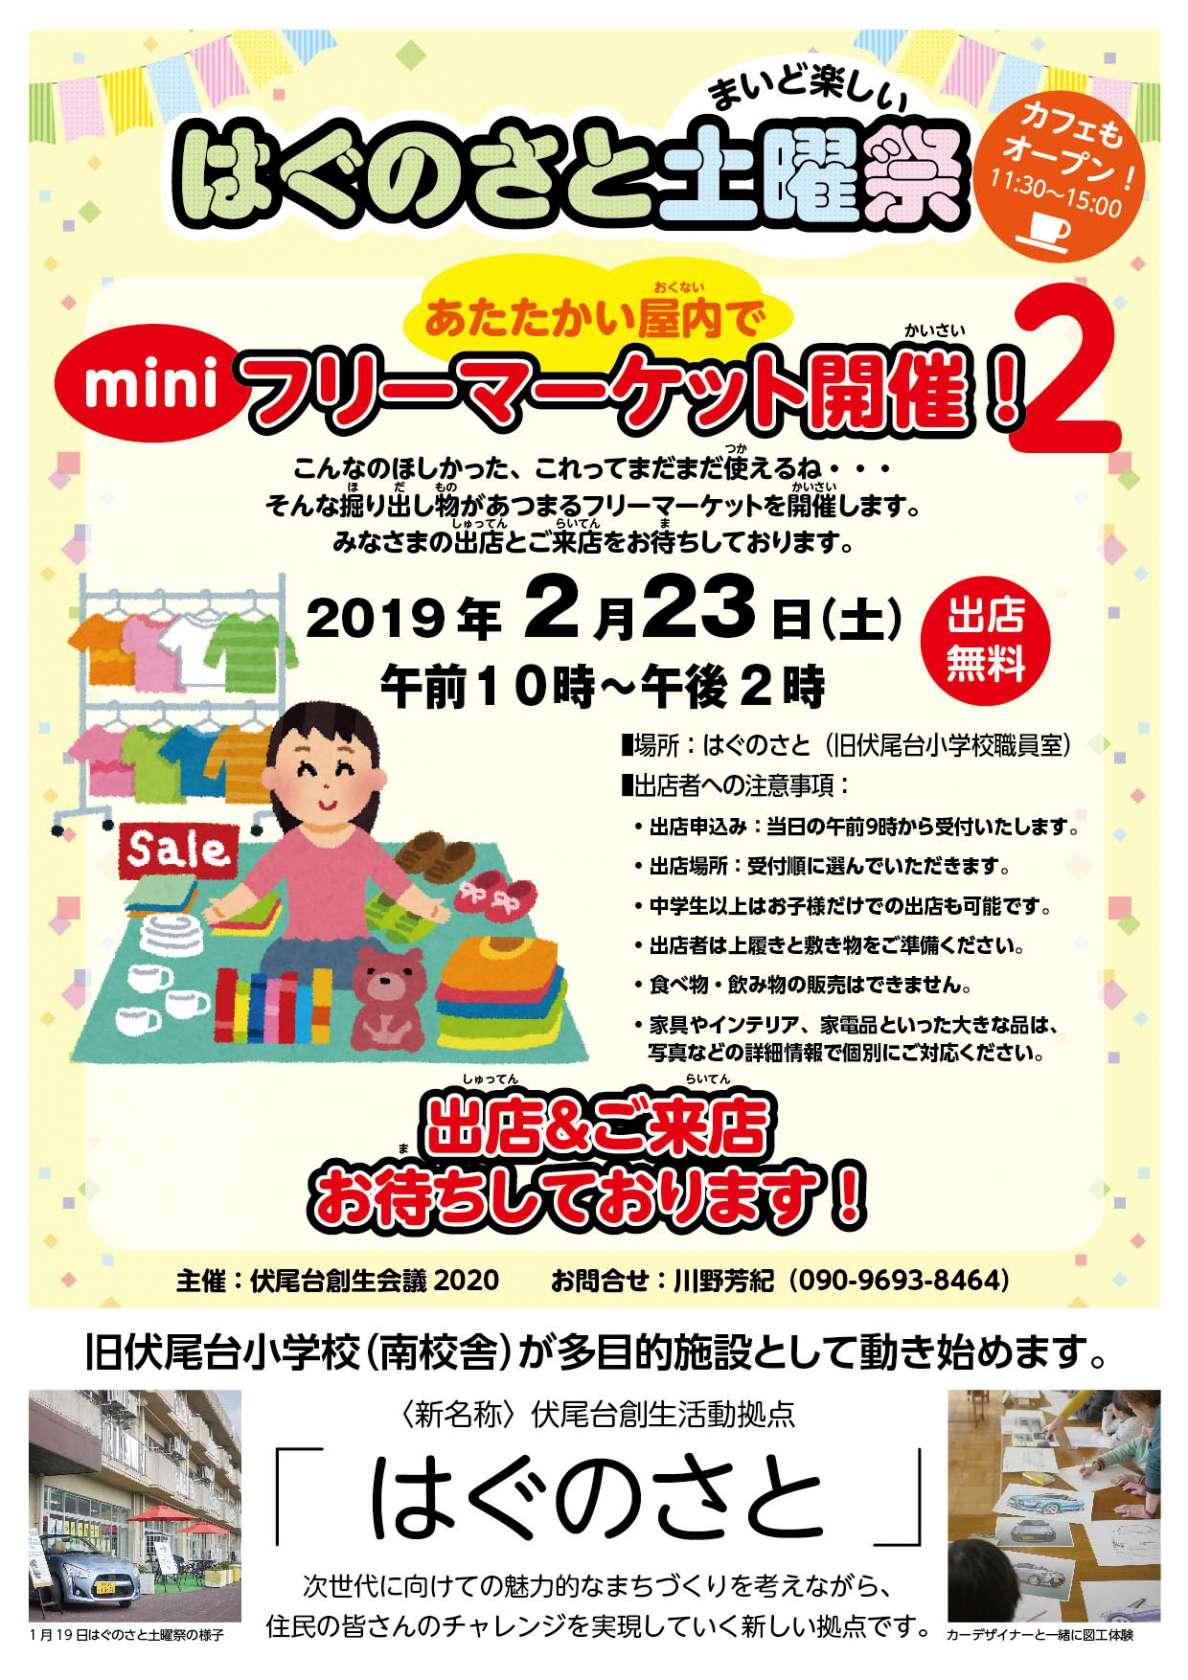 はぐのさと土曜祭「miniフリーマーケットpart2」開催!